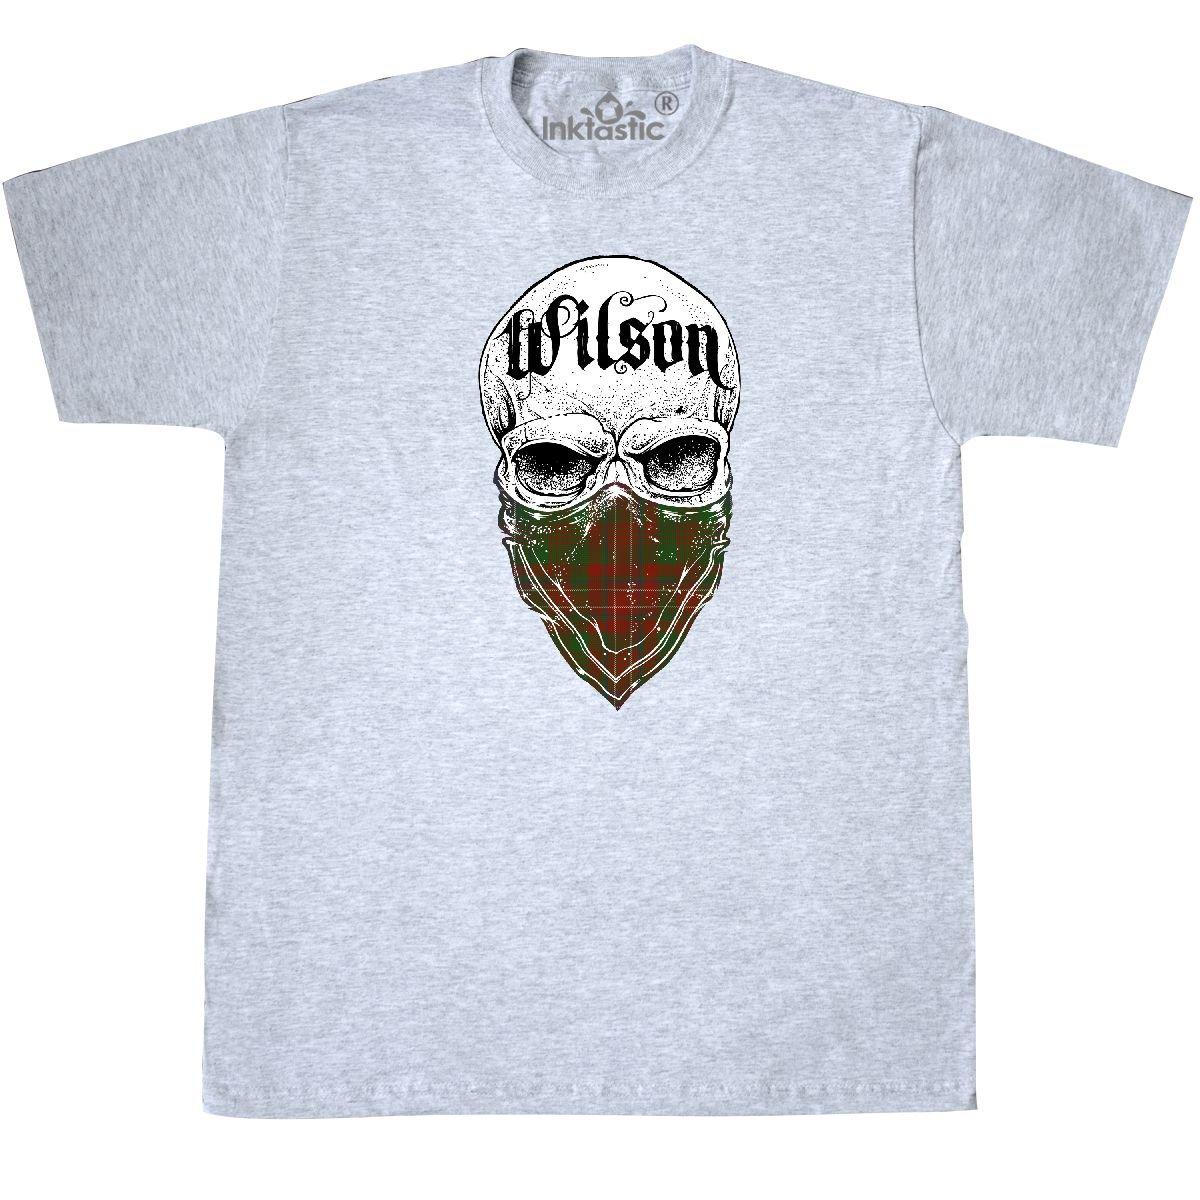 Wilson Tartan Bandit T Shirt 2a993